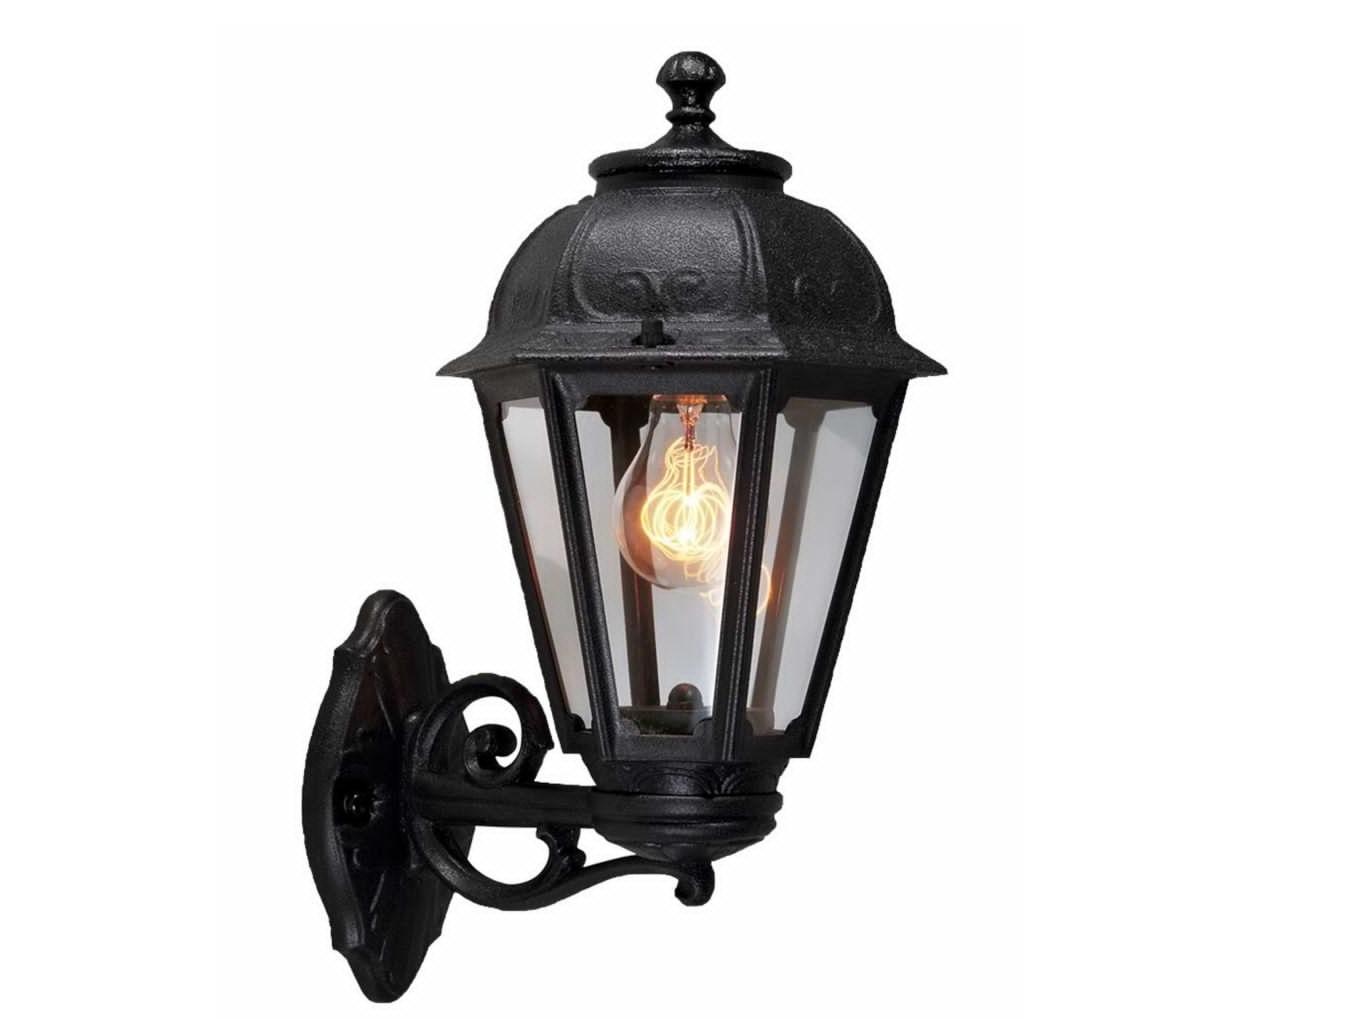 Светильник уличный BISSOУличные настенные светильники<br>Малые уличные шестигранные светильники FUMAGALLI  серии SABA - изготовлены в Италии. Корпус изготовлен из современного композитного полимера RESIN. Прочного, окрашенного в массе, не ржавеющего и не выгорающего на солнце. Все светильники пыле-влаго защищены по стандарту IP44. В комплекте идут крепежи и закладные элементы. Рассеиватель выполнен из антивандального, не мутнеющего  и не горючего PMMA. Срок службы светильника - не менее 10 лет. Температура использования от +60 до -90. Могут быть в настенном, подвесном и наземном исполнении со столбами разной высоты, разным количеством и конфигурации голов. Столбы выше 150 см имеют в основе мощную стальную трубу с двойной оцинковкой и полимерным наполнителем. При заказе требуется выбрать цвет корпуса, цвет плафона и тип патрона.&amp;lt;div&amp;gt;&amp;lt;br&amp;gt;&amp;lt;/div&amp;gt;&amp;lt;div&amp;gt;&amp;lt;div&amp;gt;Вид цоколя: E27&amp;lt;/div&amp;gt;&amp;lt;div&amp;gt;Мощность: 60W&amp;lt;/div&amp;gt;&amp;lt;div&amp;gt;Количество ламп: 1 (нет в комплекте)&amp;lt;/div&amp;gt;&amp;lt;div&amp;gt;Материал: полимер&amp;lt;/div&amp;gt;&amp;lt;/div&amp;gt;<br><br>Material: Пластик<br>Width см: 22<br>Depth см: 27.5<br>Height см: 46